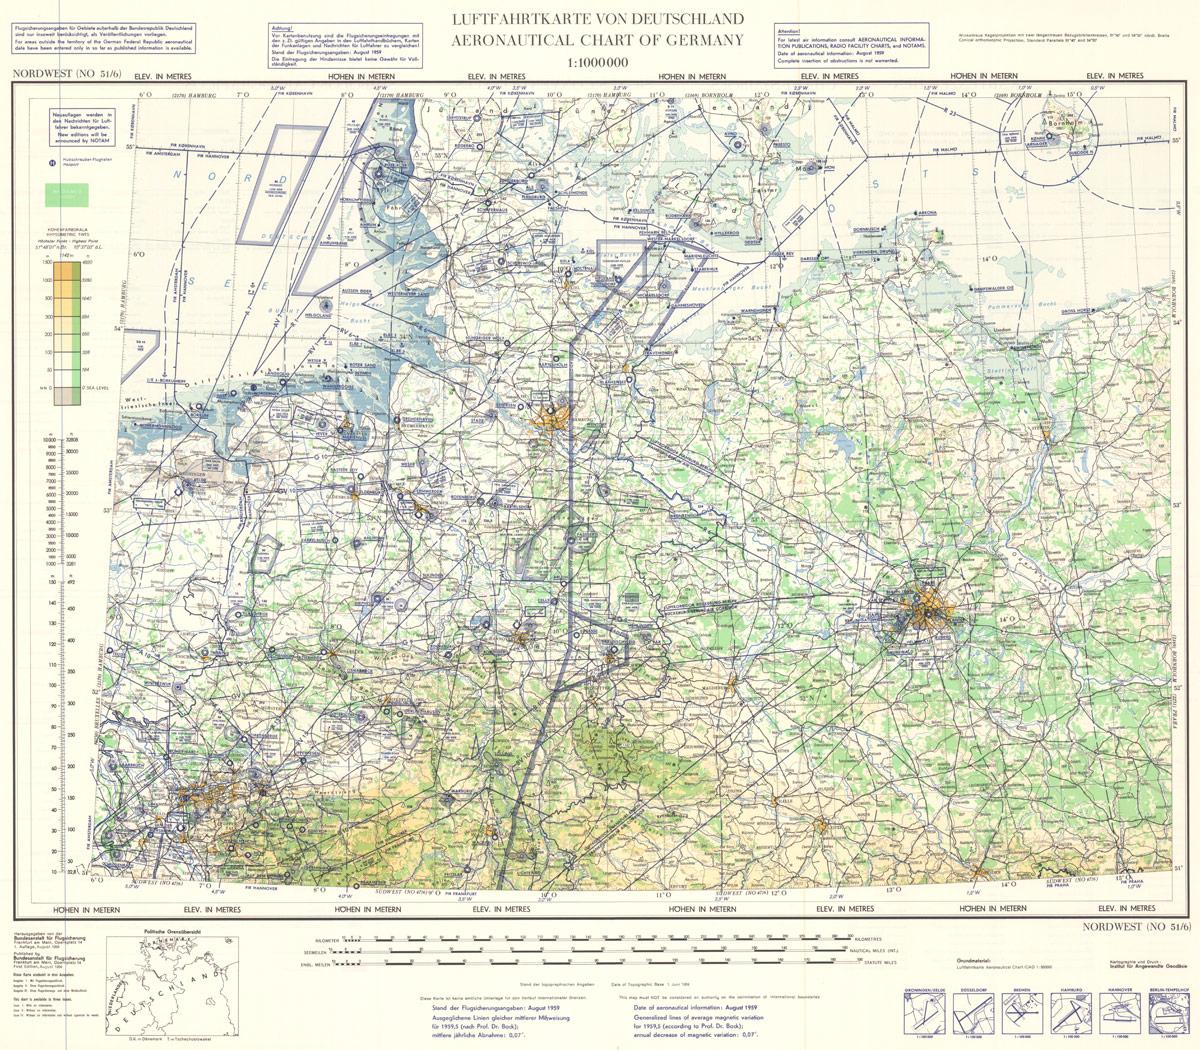 Luftfahrtkarte der Bundesrepublik Deutschland, Erste Ausgabe 1959, Nordwest